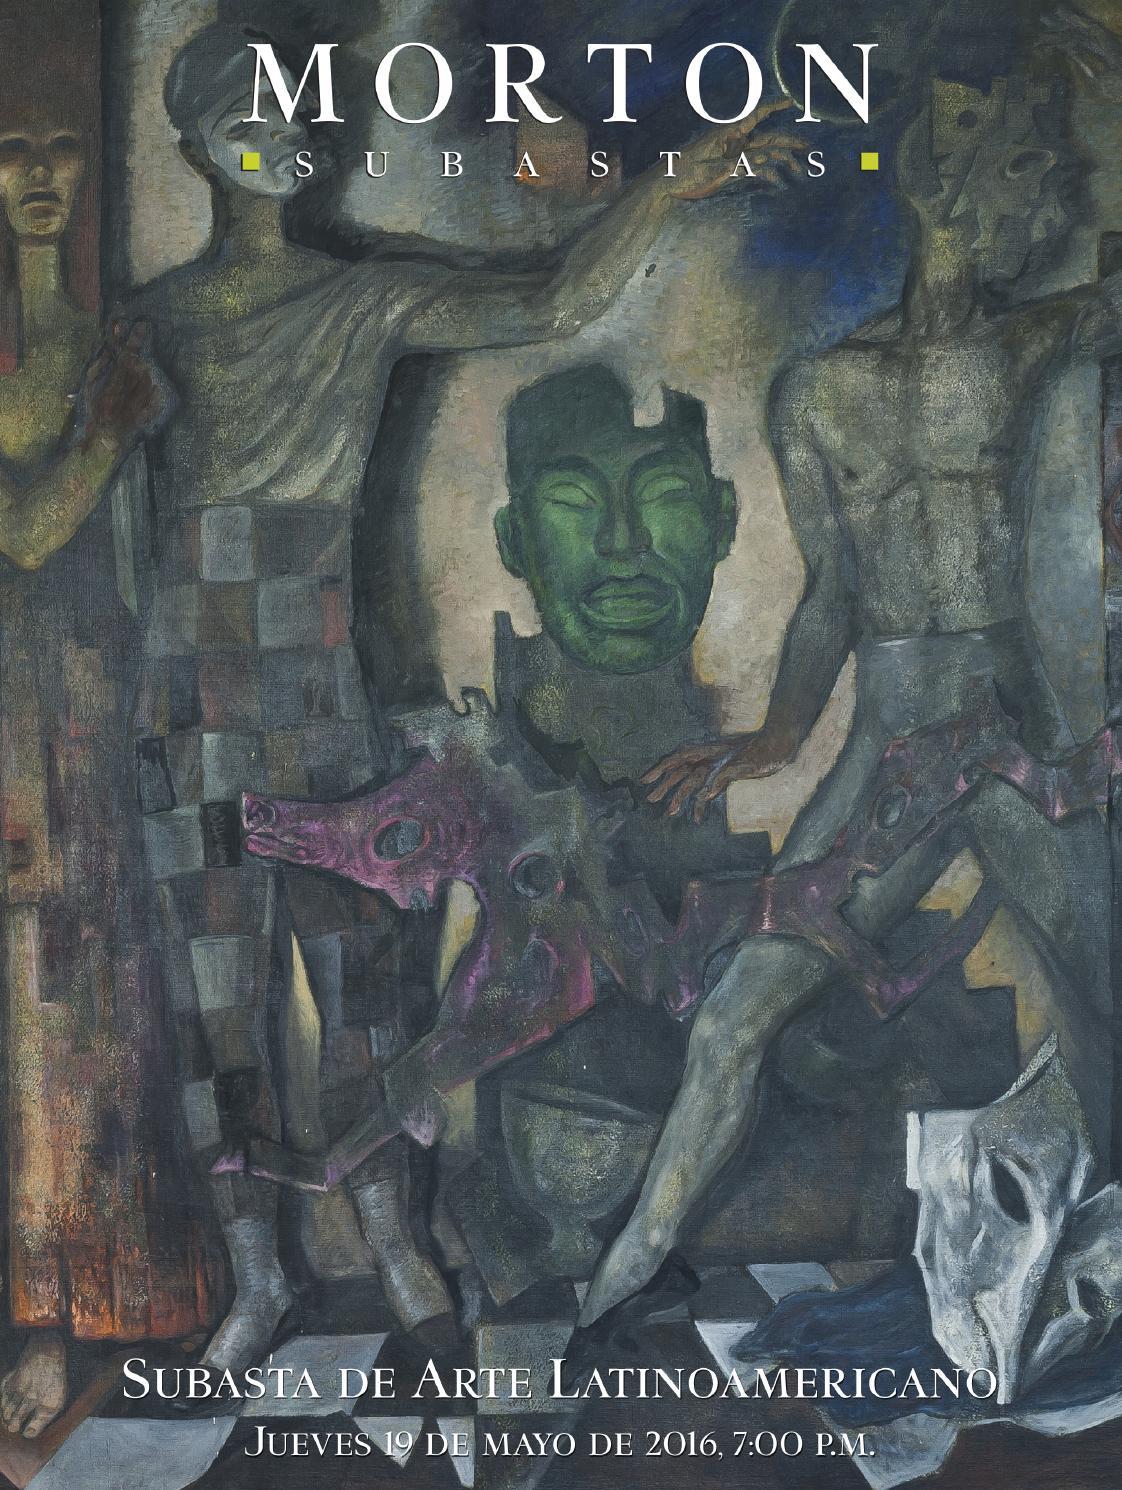 58f5489deb Subasta de Arte Latinoamericano by Morton Subastas - issuu